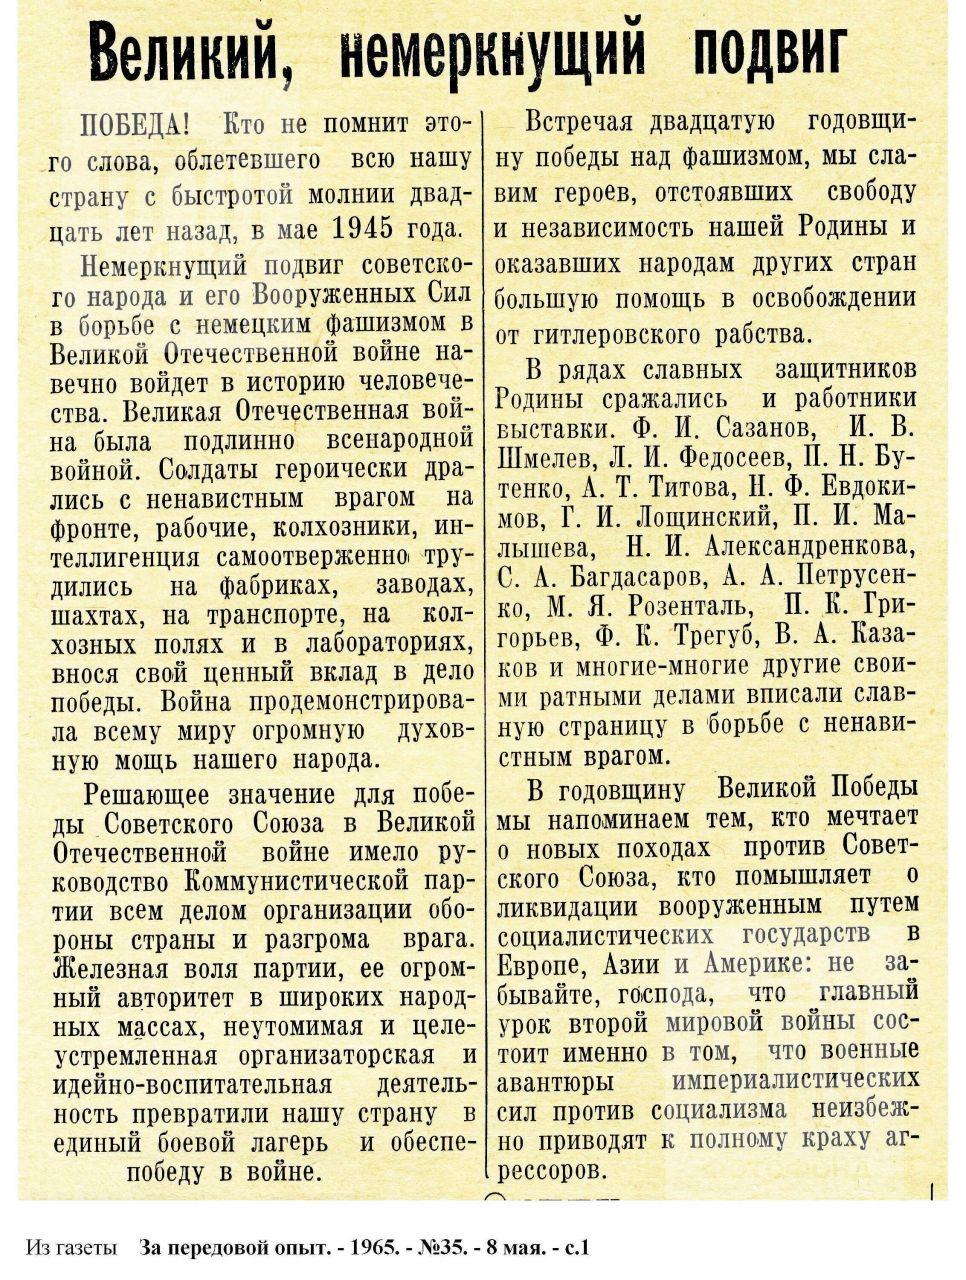 """""""Великий, немеркнущий подвиг"""". 1965, №35"""